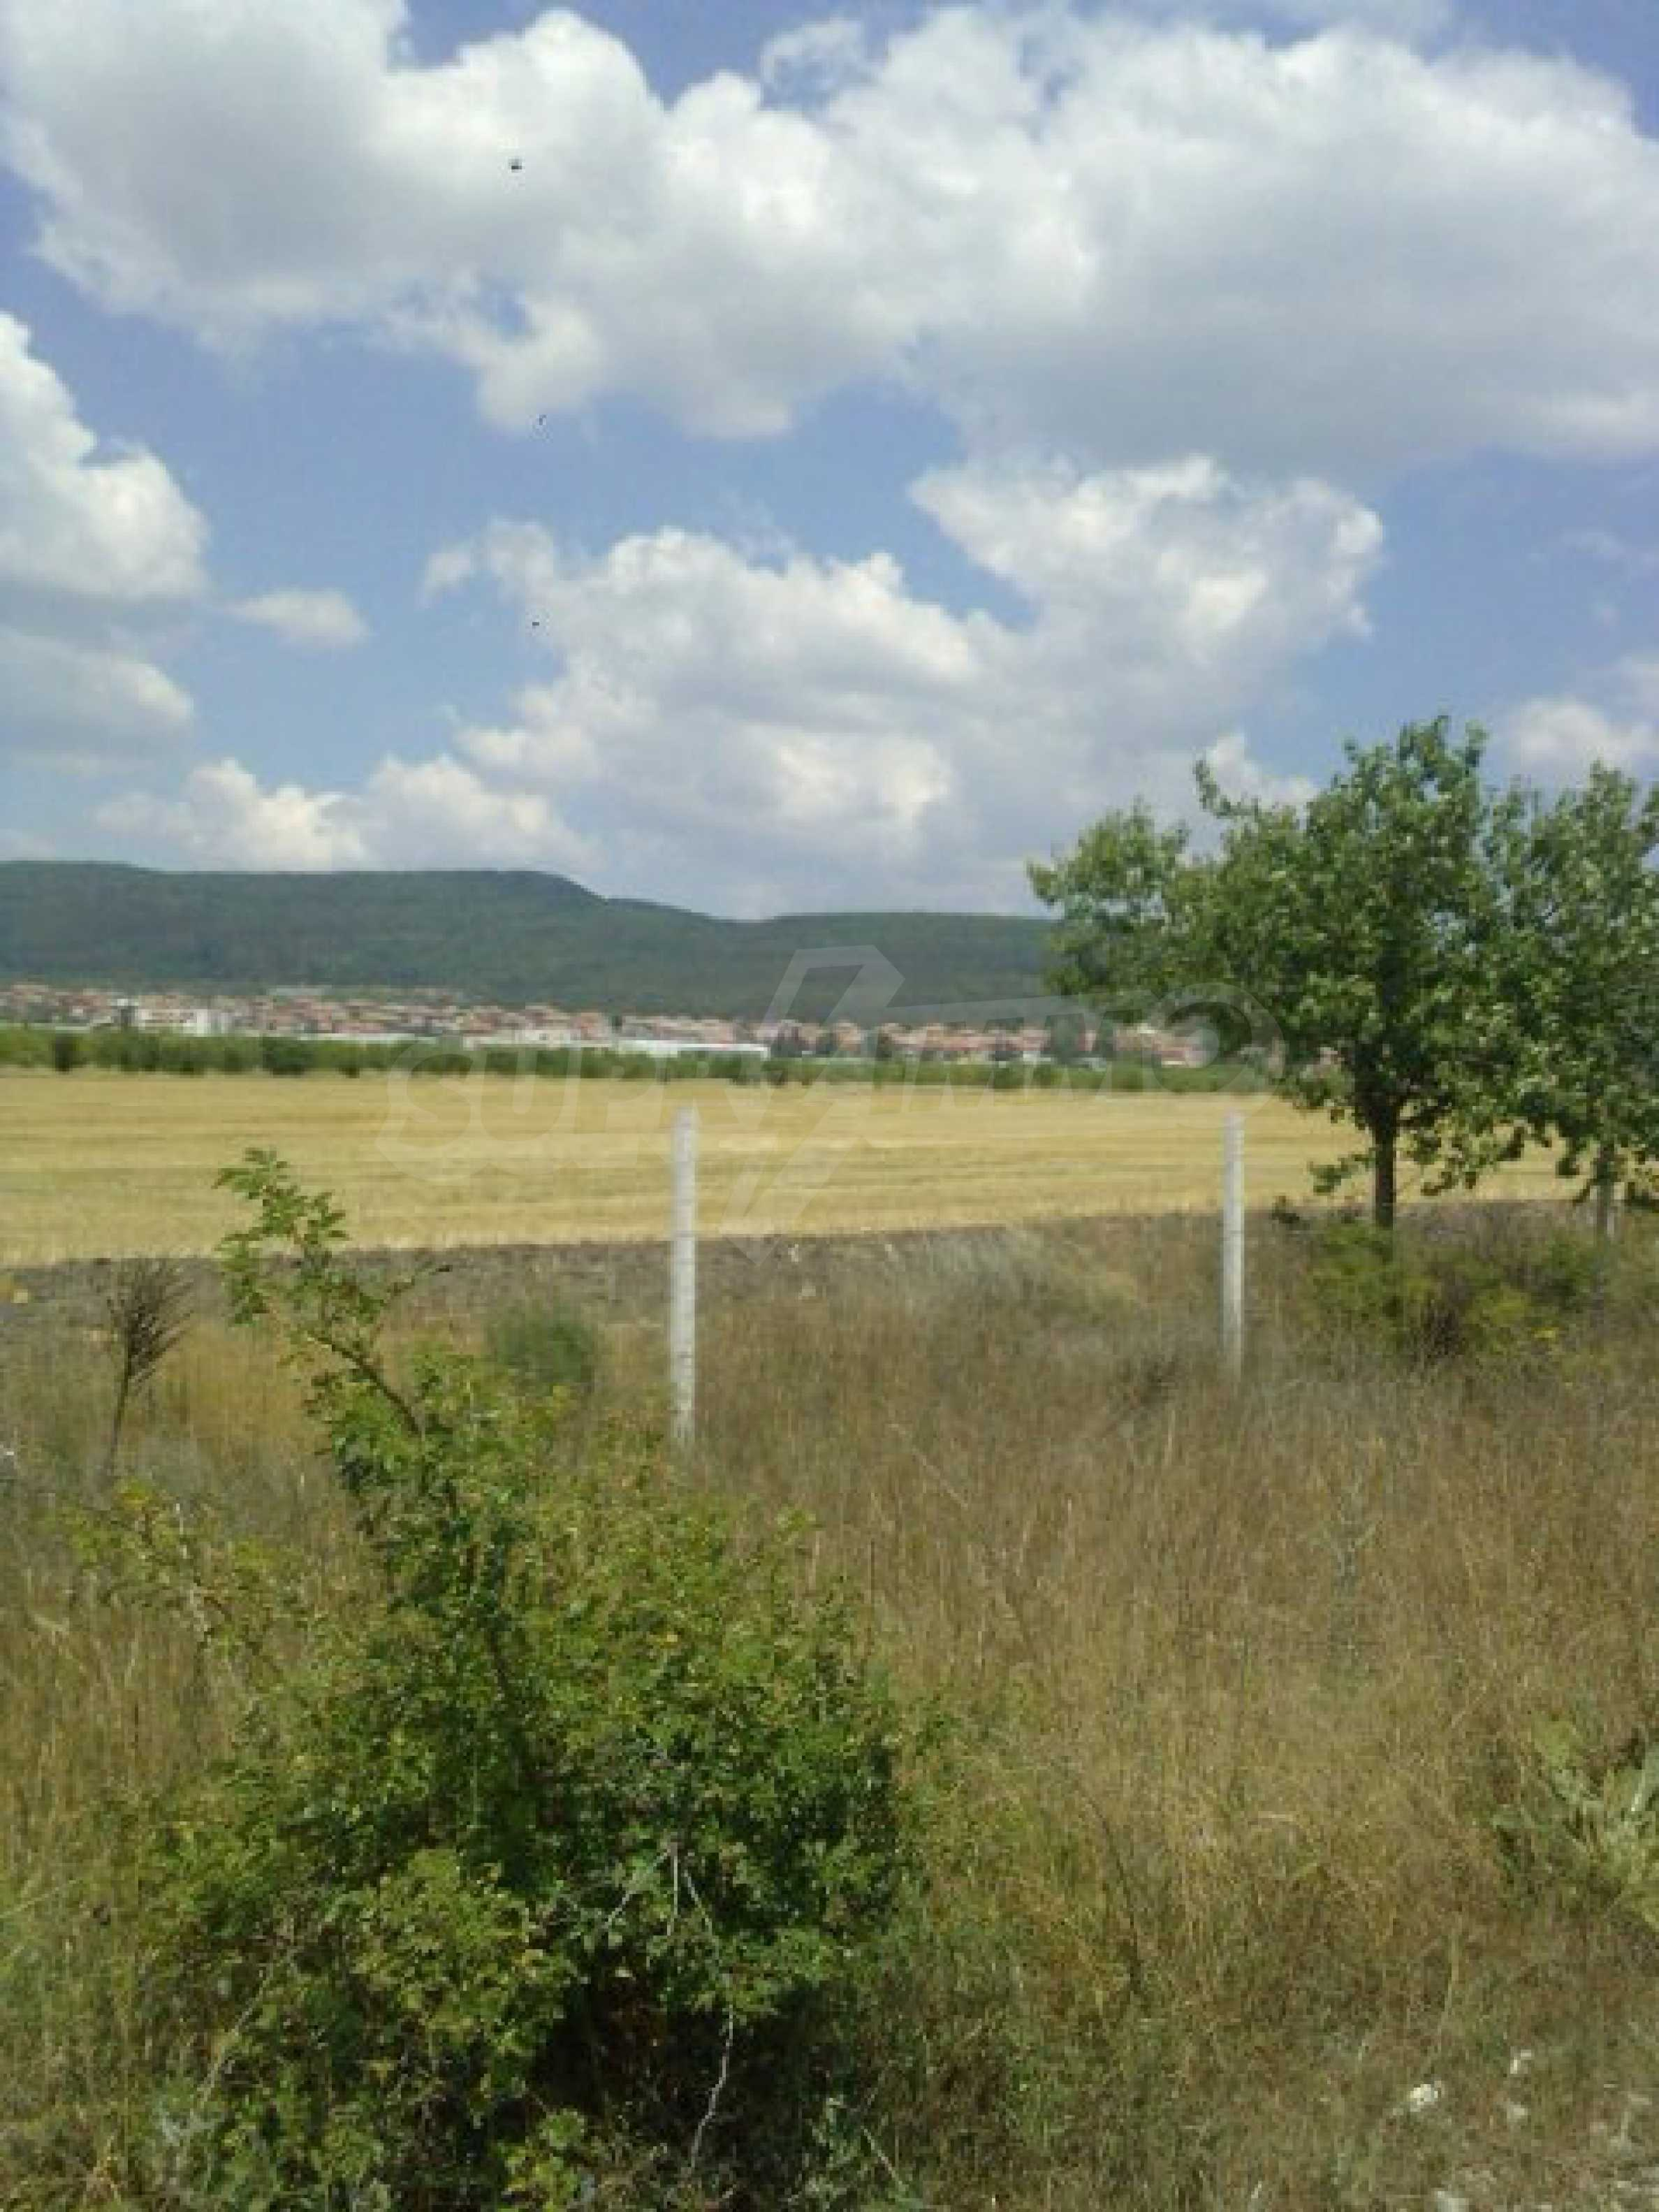 Участок сельскохозяйственной земли возле Варны 1